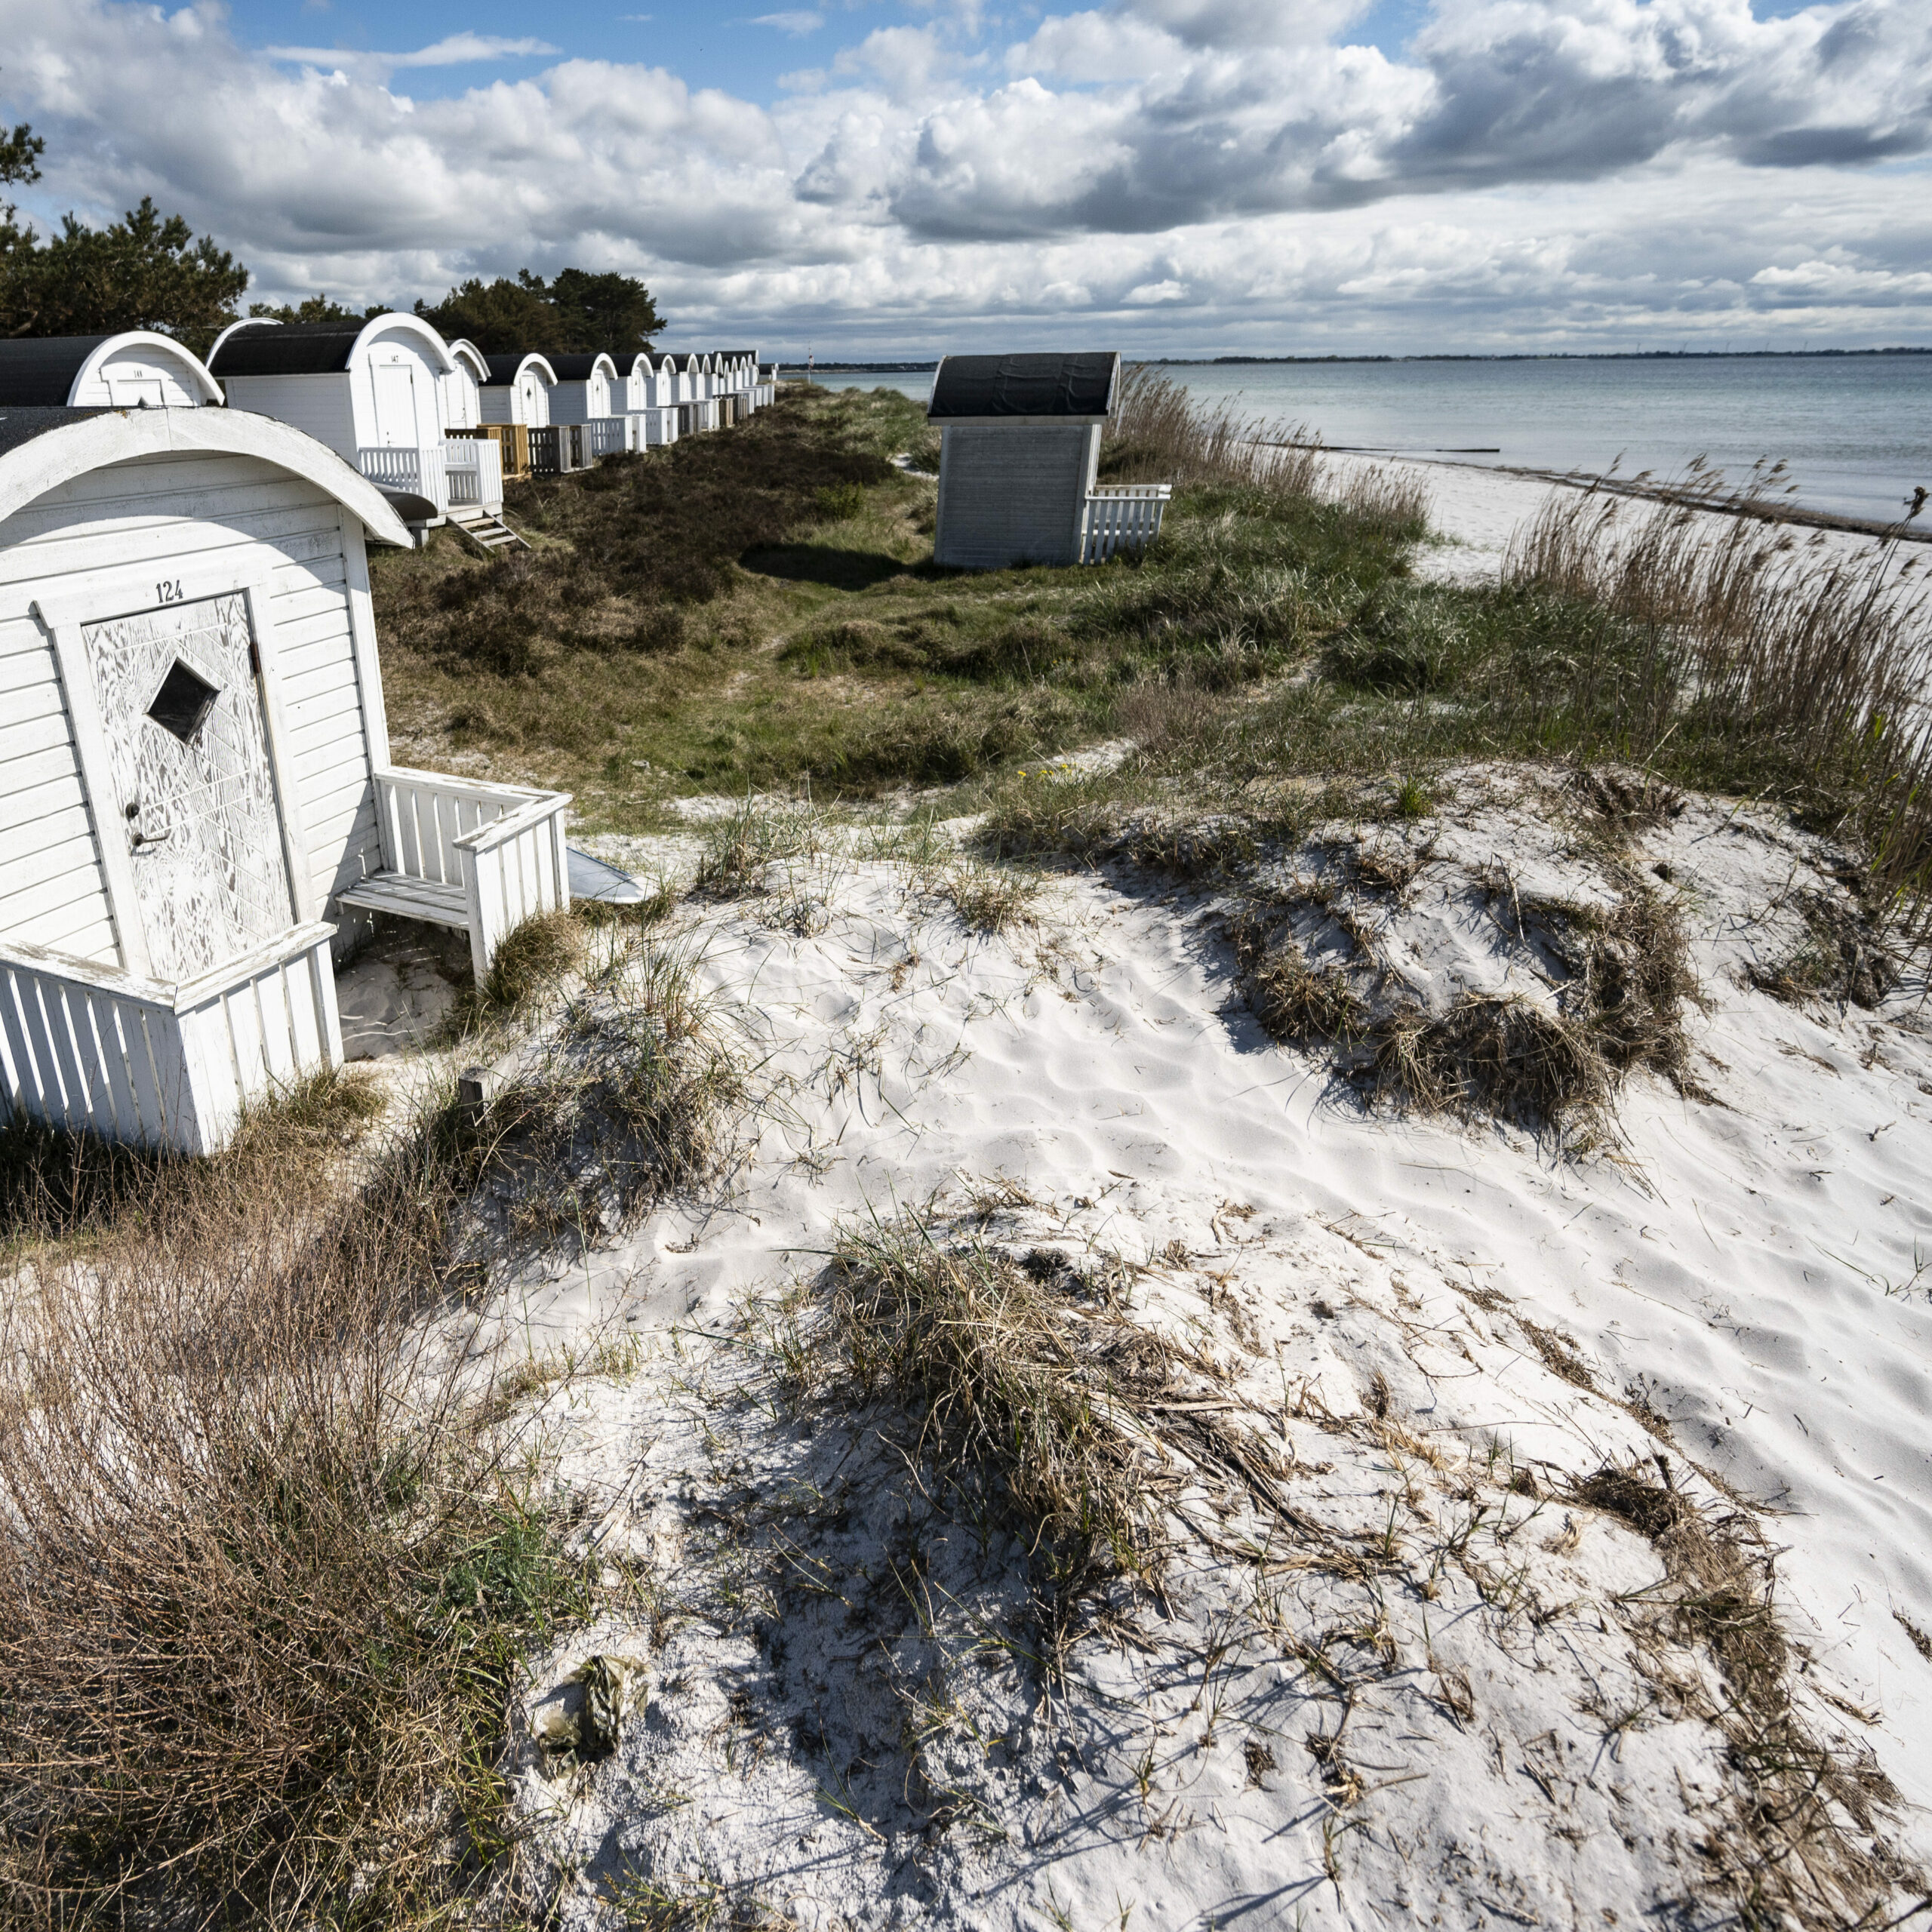 Vita strandstugor på en krtivit strand.